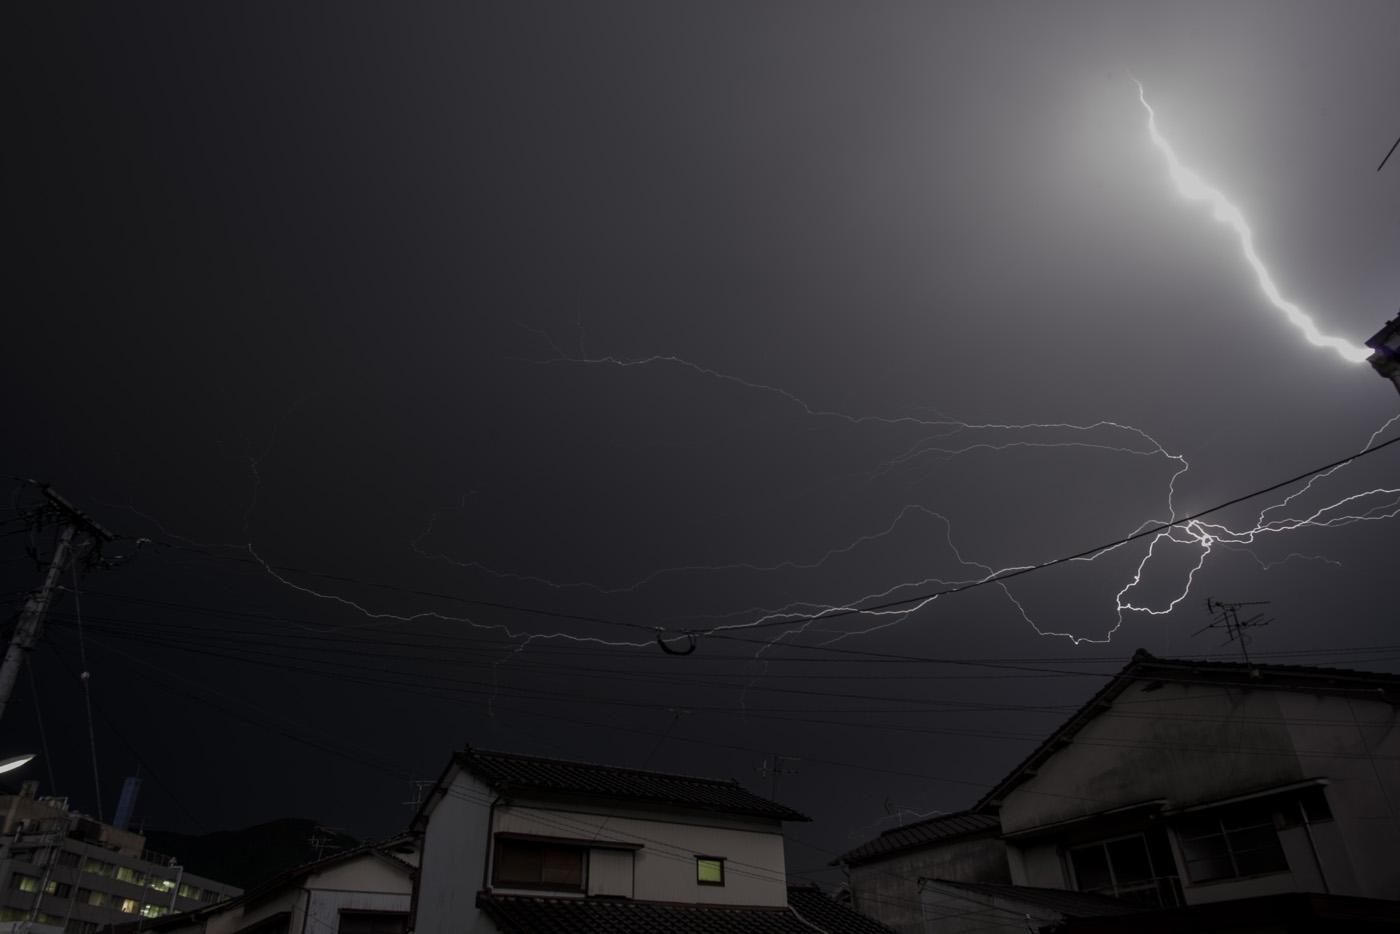 台風15号(コンレイ)接近中〜天翔る稲妻〜_c0028861_2240117.jpg